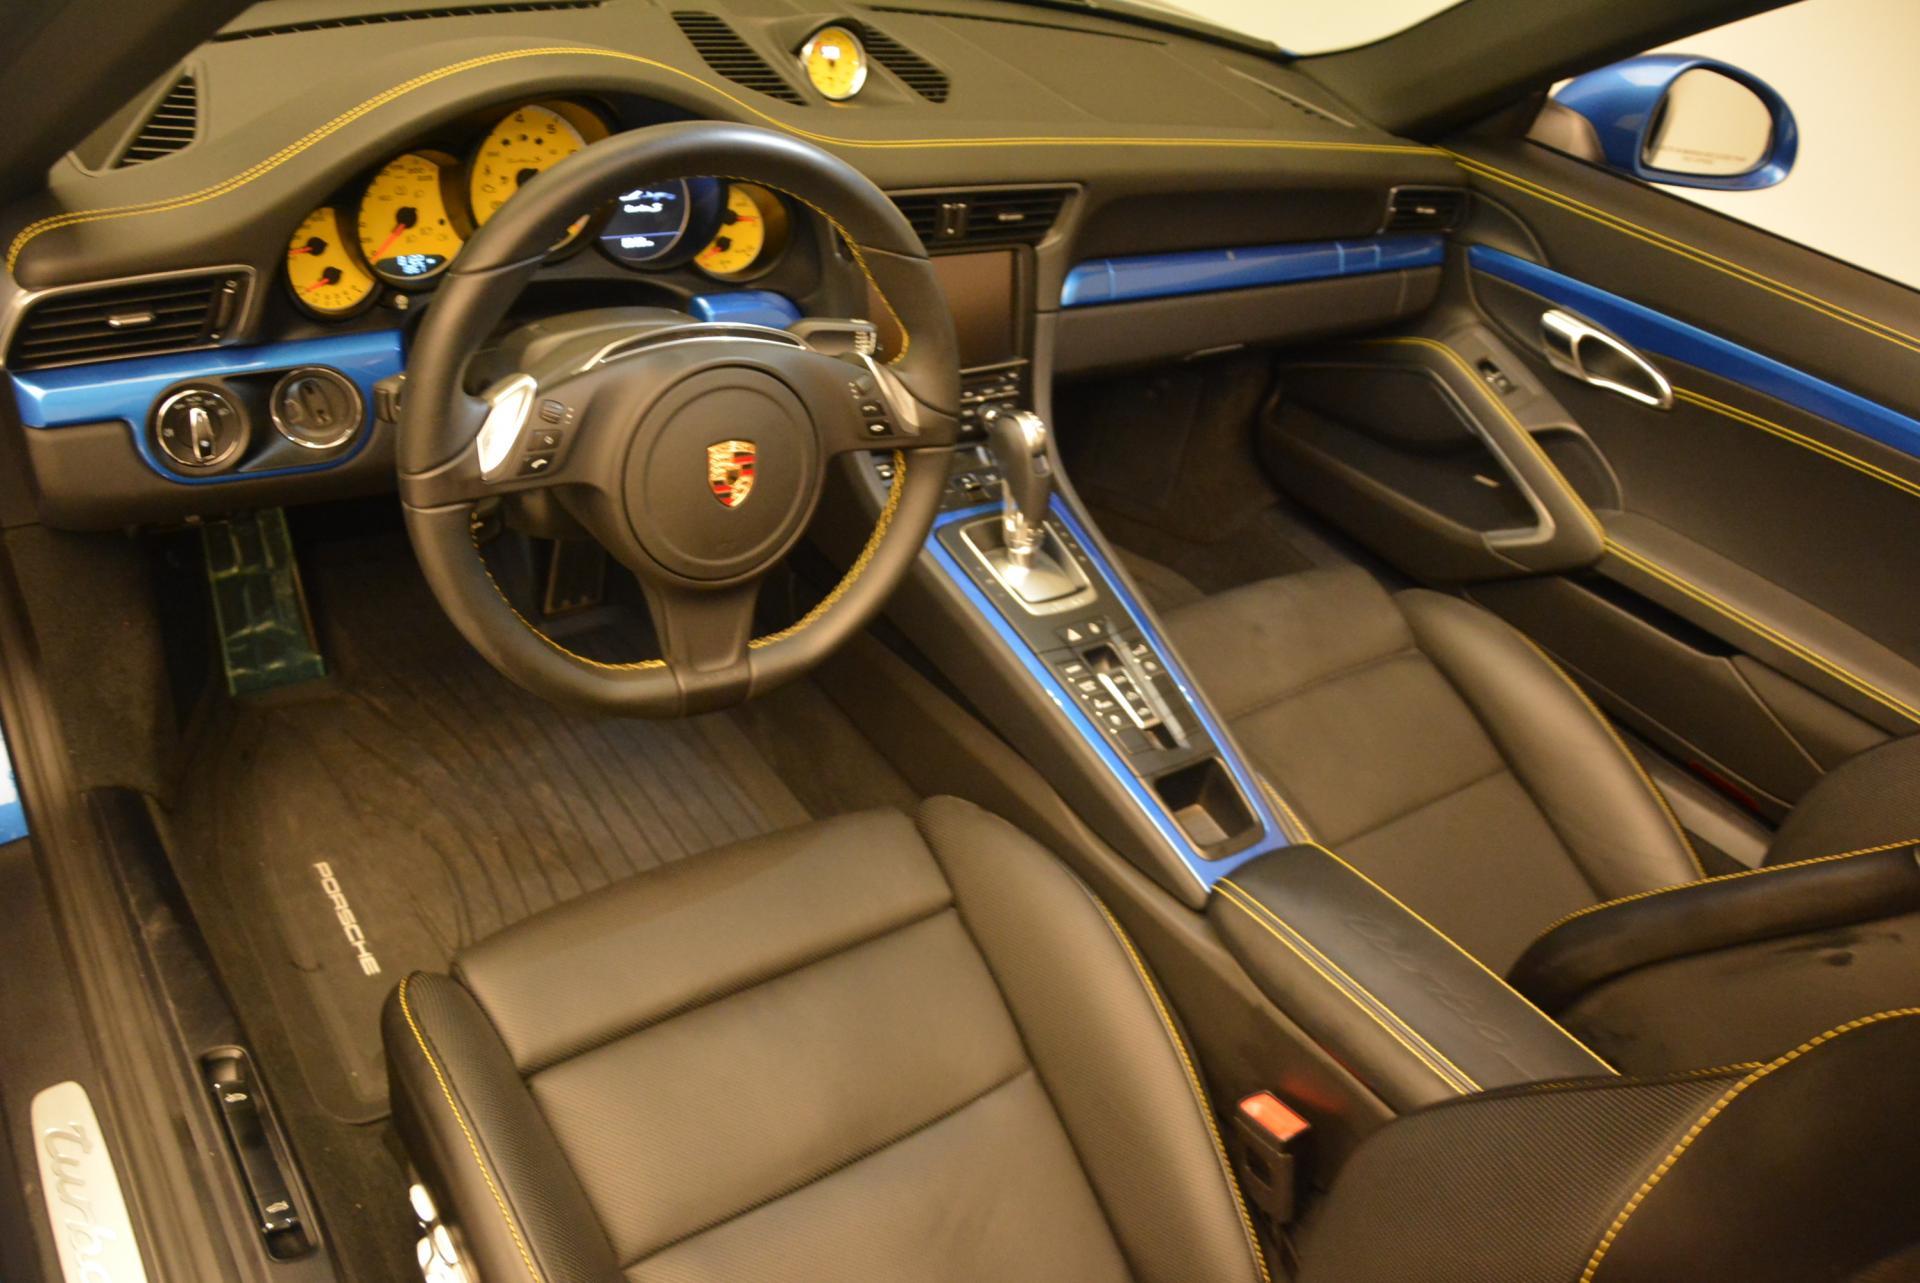 Used 2014 Porsche 911 Turbo S For Sale In Westport, CT 105_p18